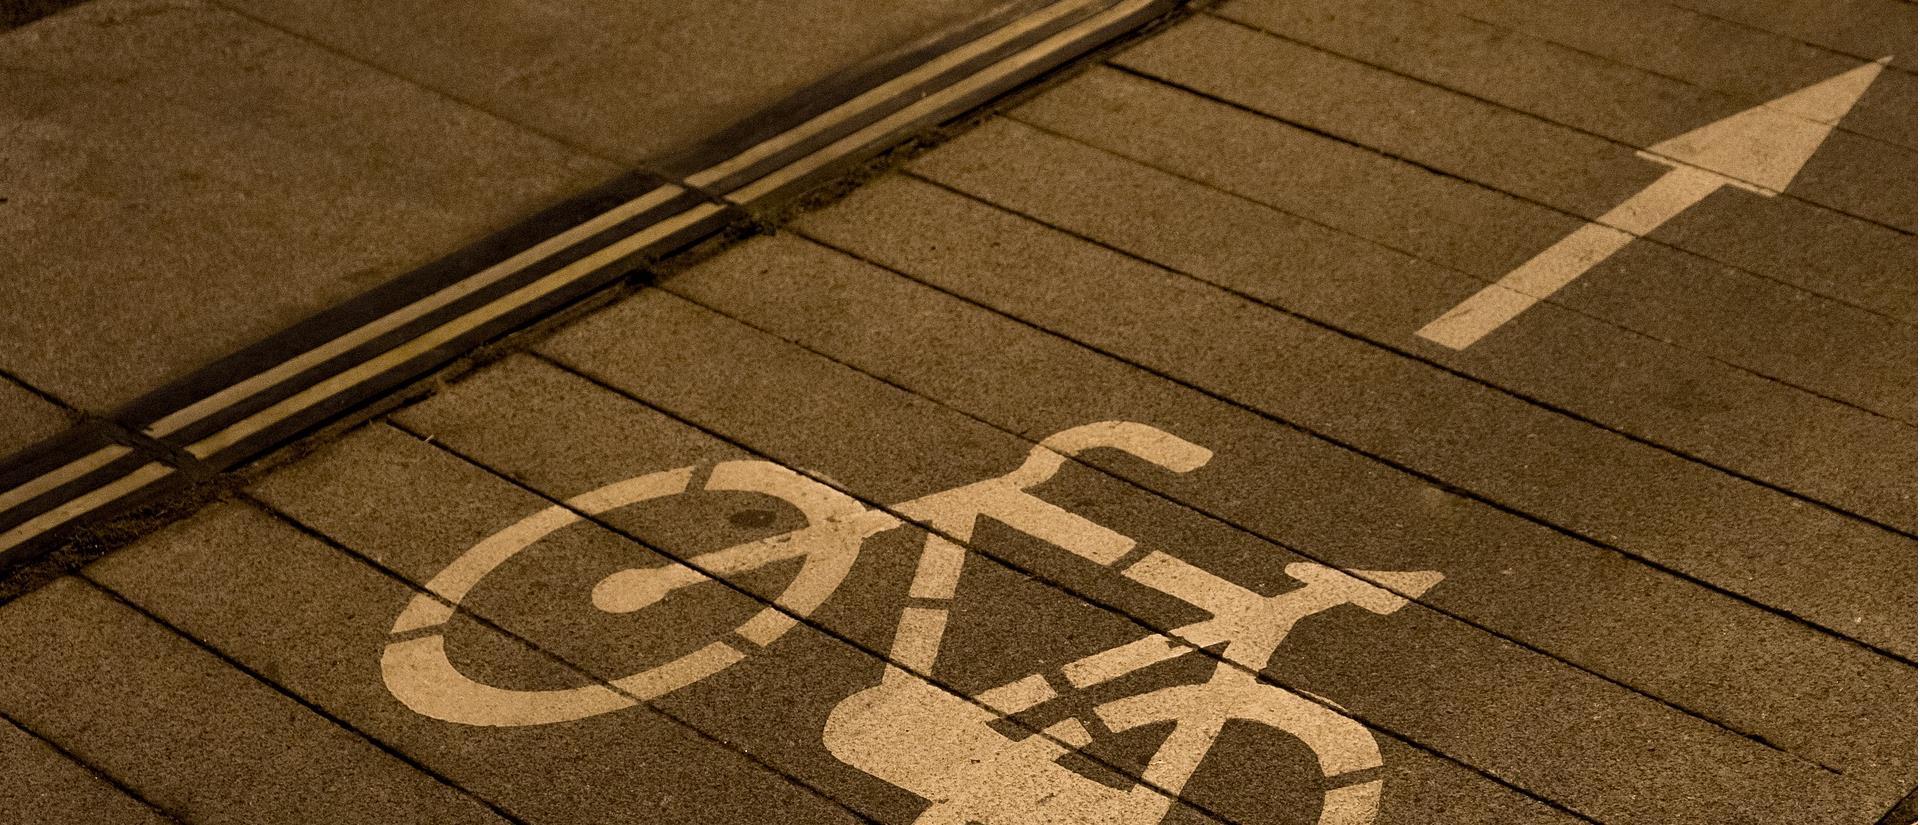 Studie zur Fahrradnutzung